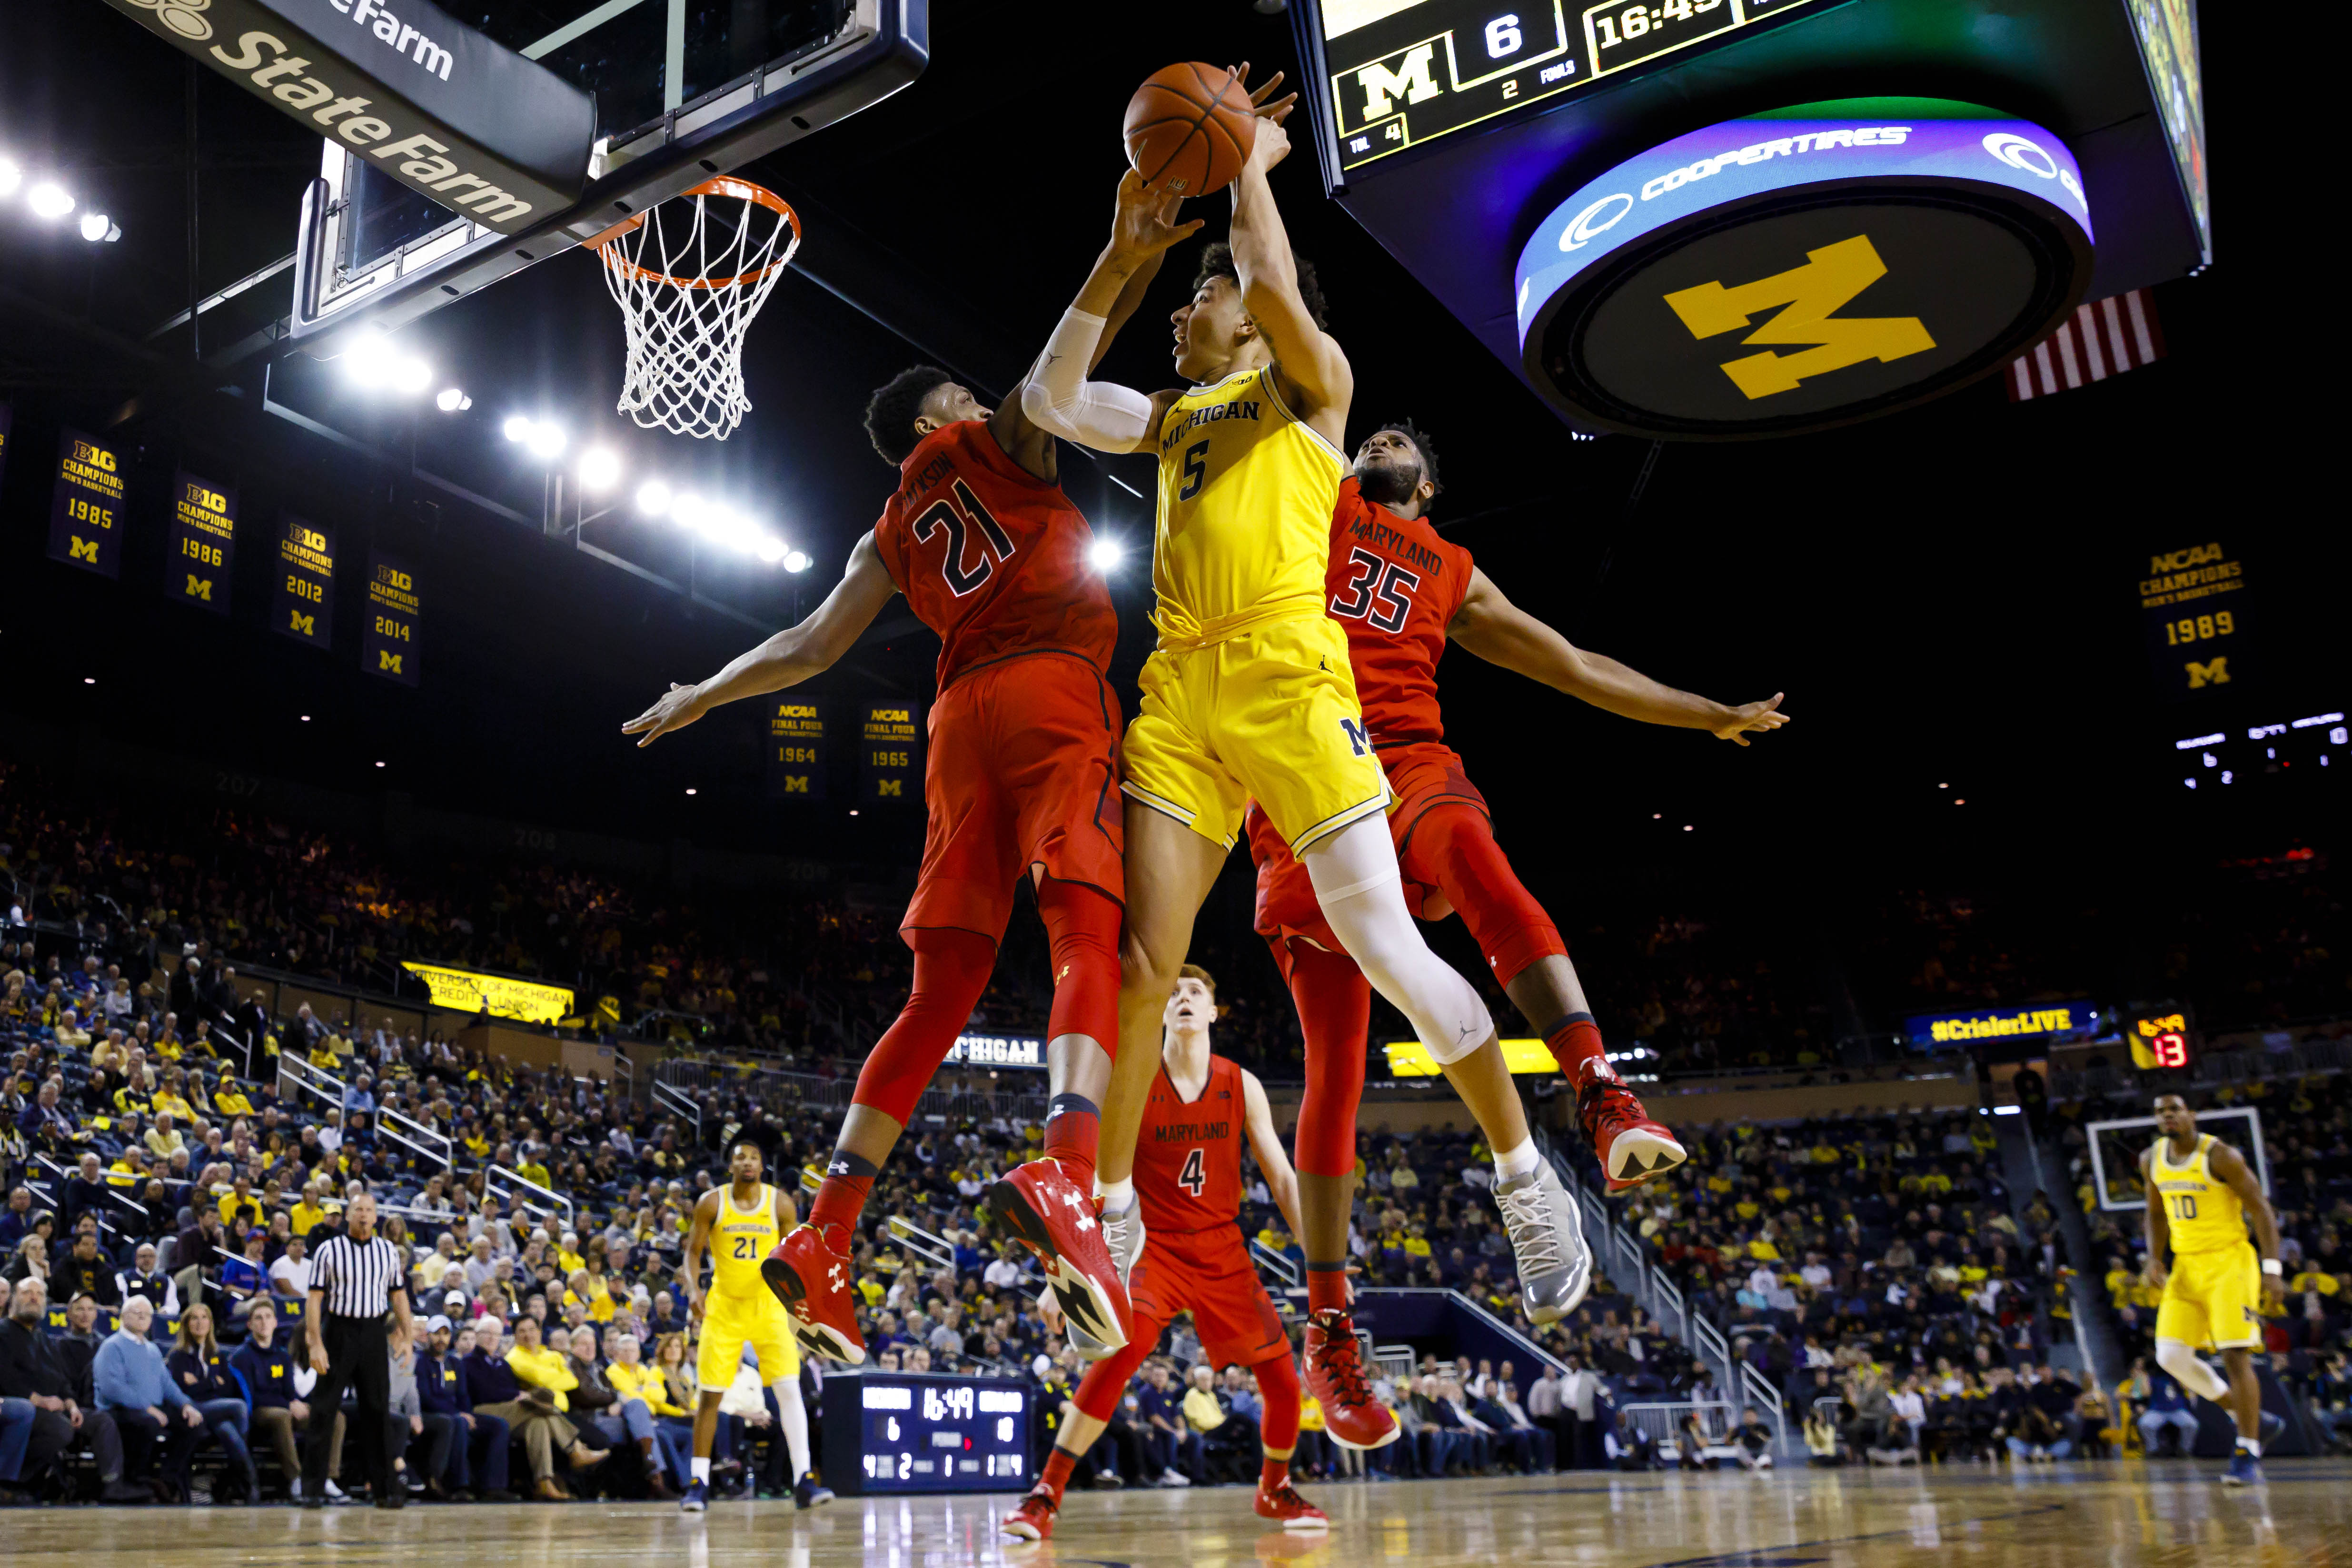 9794244-ncaa-basketball-maryland-at-michigan